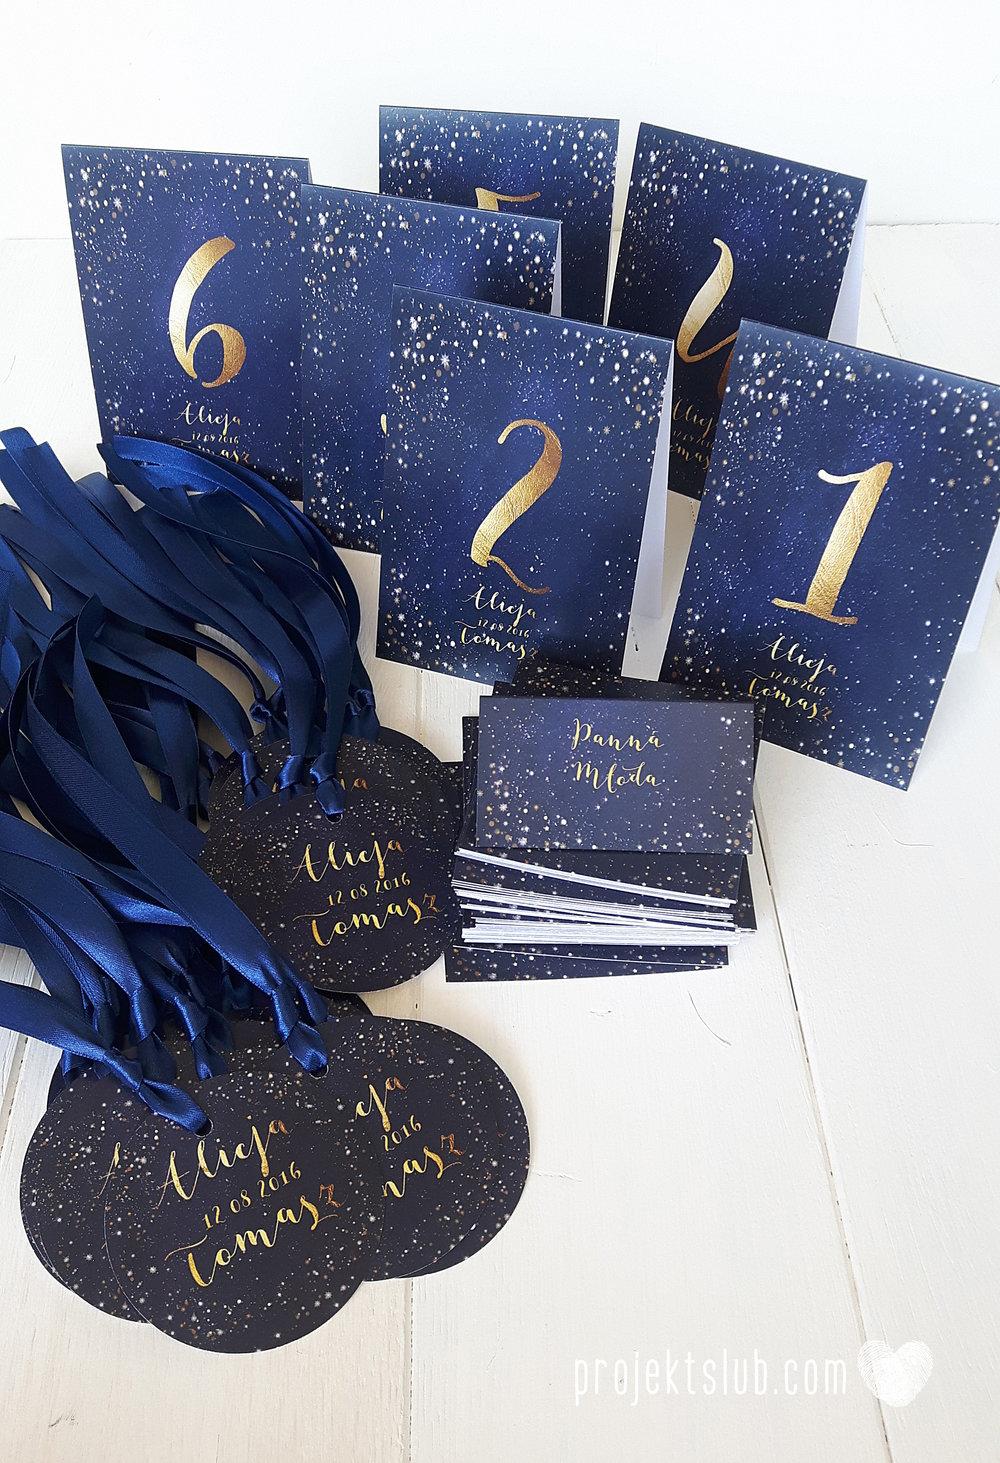 Zaproszenia ślubne gwieździste niebo grant gwiazdy motyw przewodni personalizowane dodatki weselne papeteria ślubna  Projekt Ślub (4).jpg